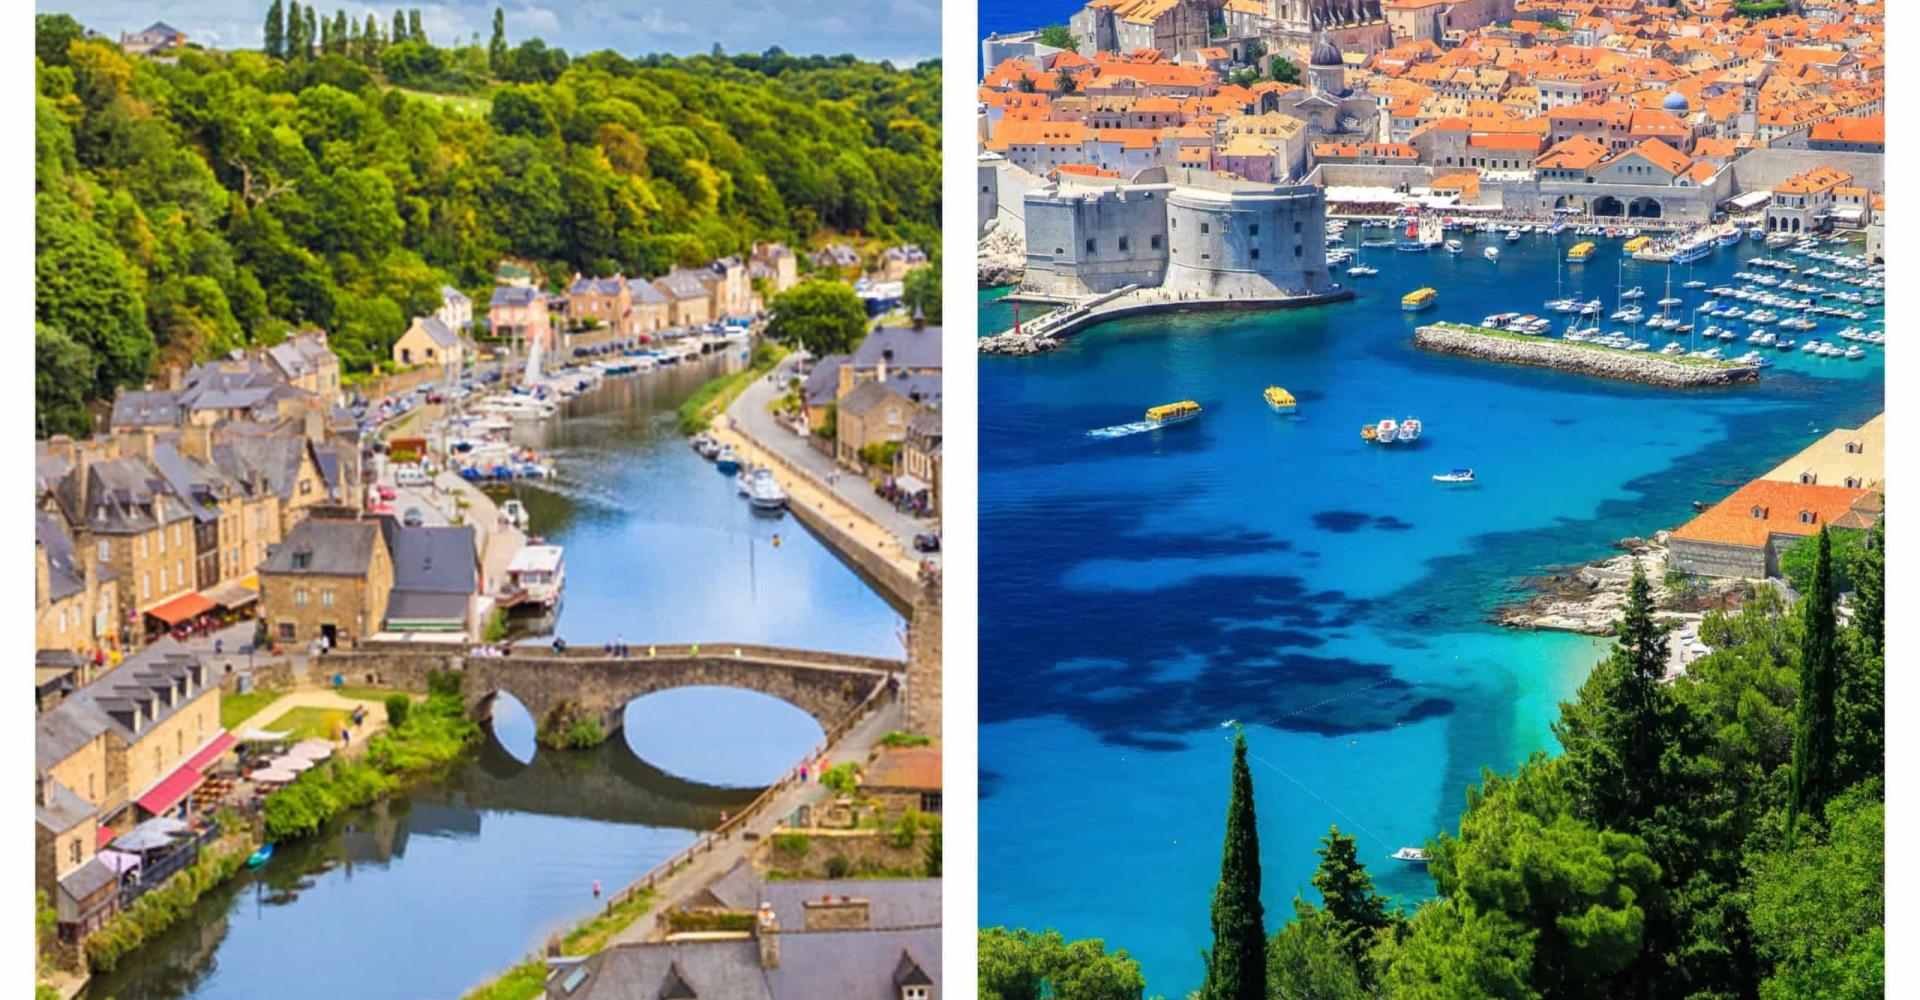 프랑스 vs 크로아티아: 가장 아름다운 나라는 어디?